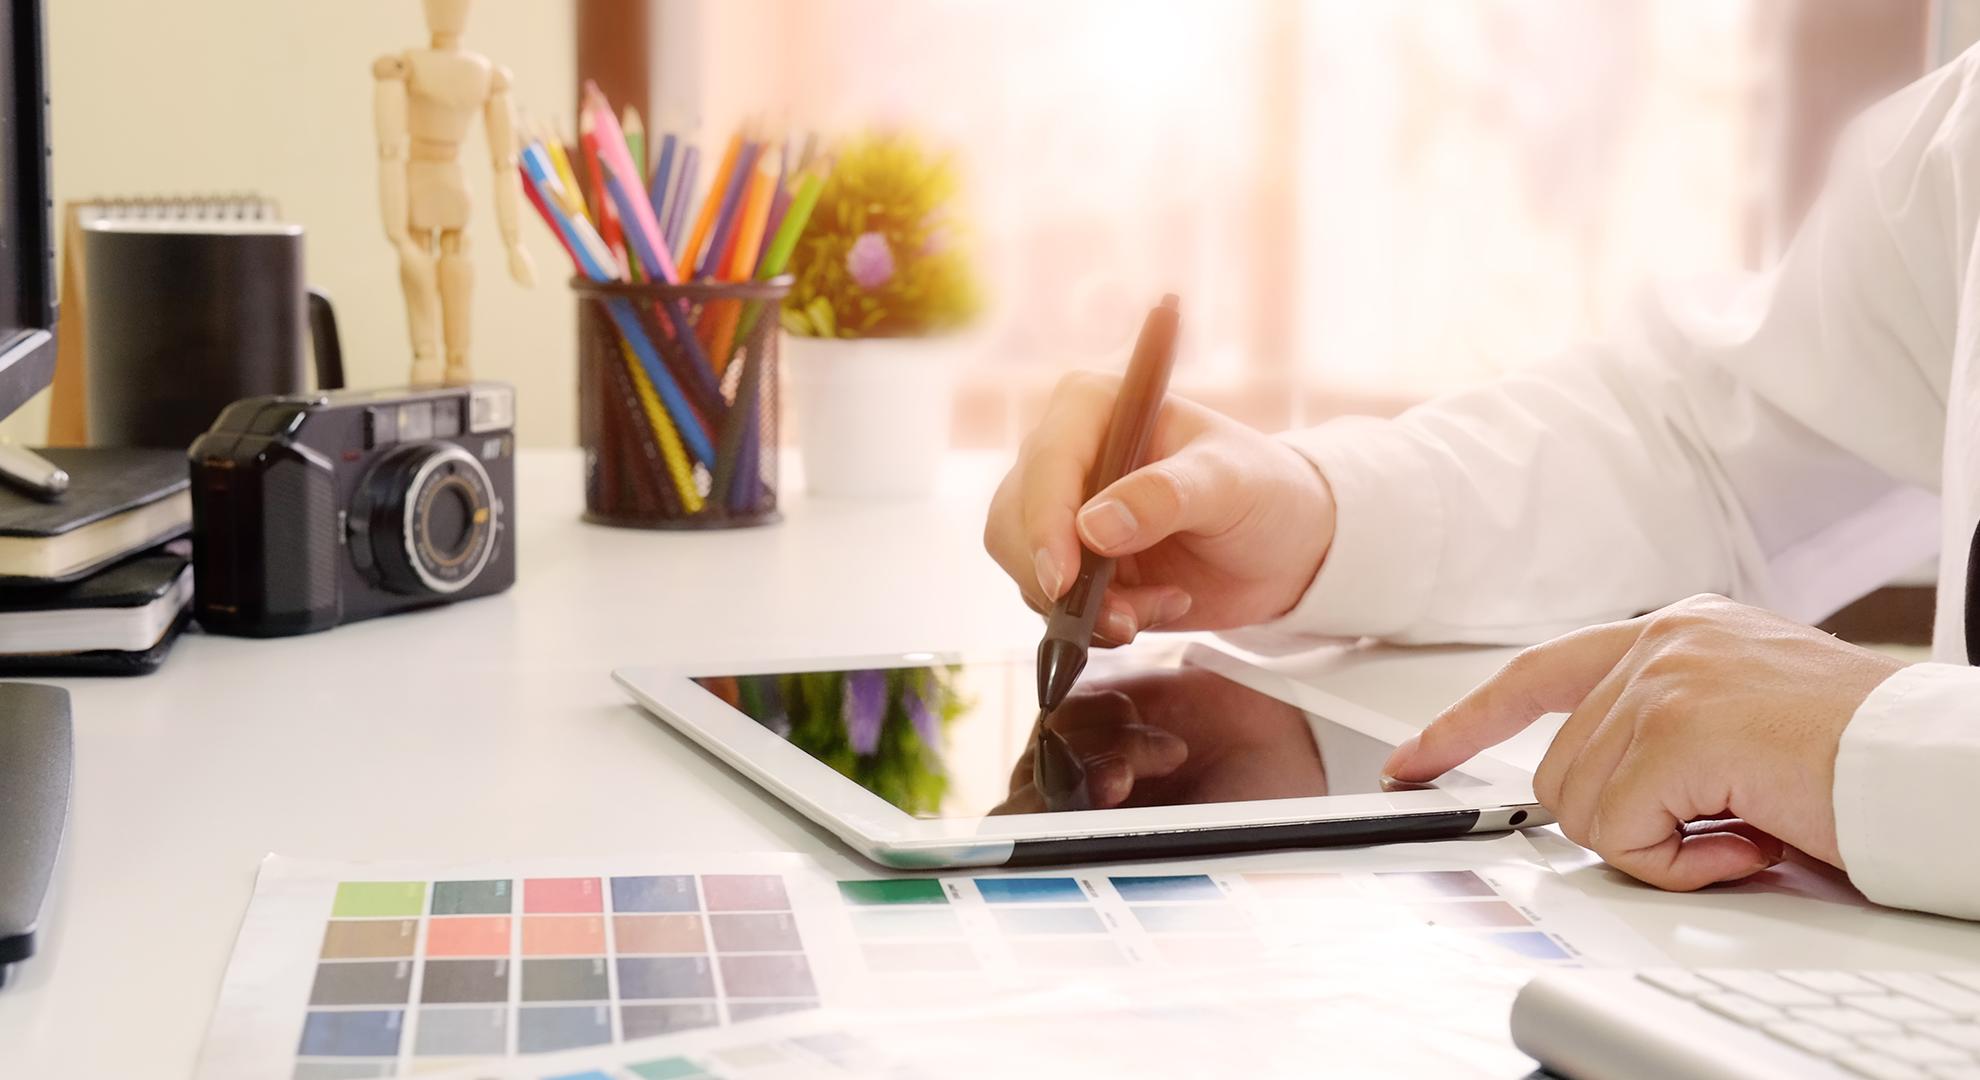 tableta grafica desen logo kelton digital marketing